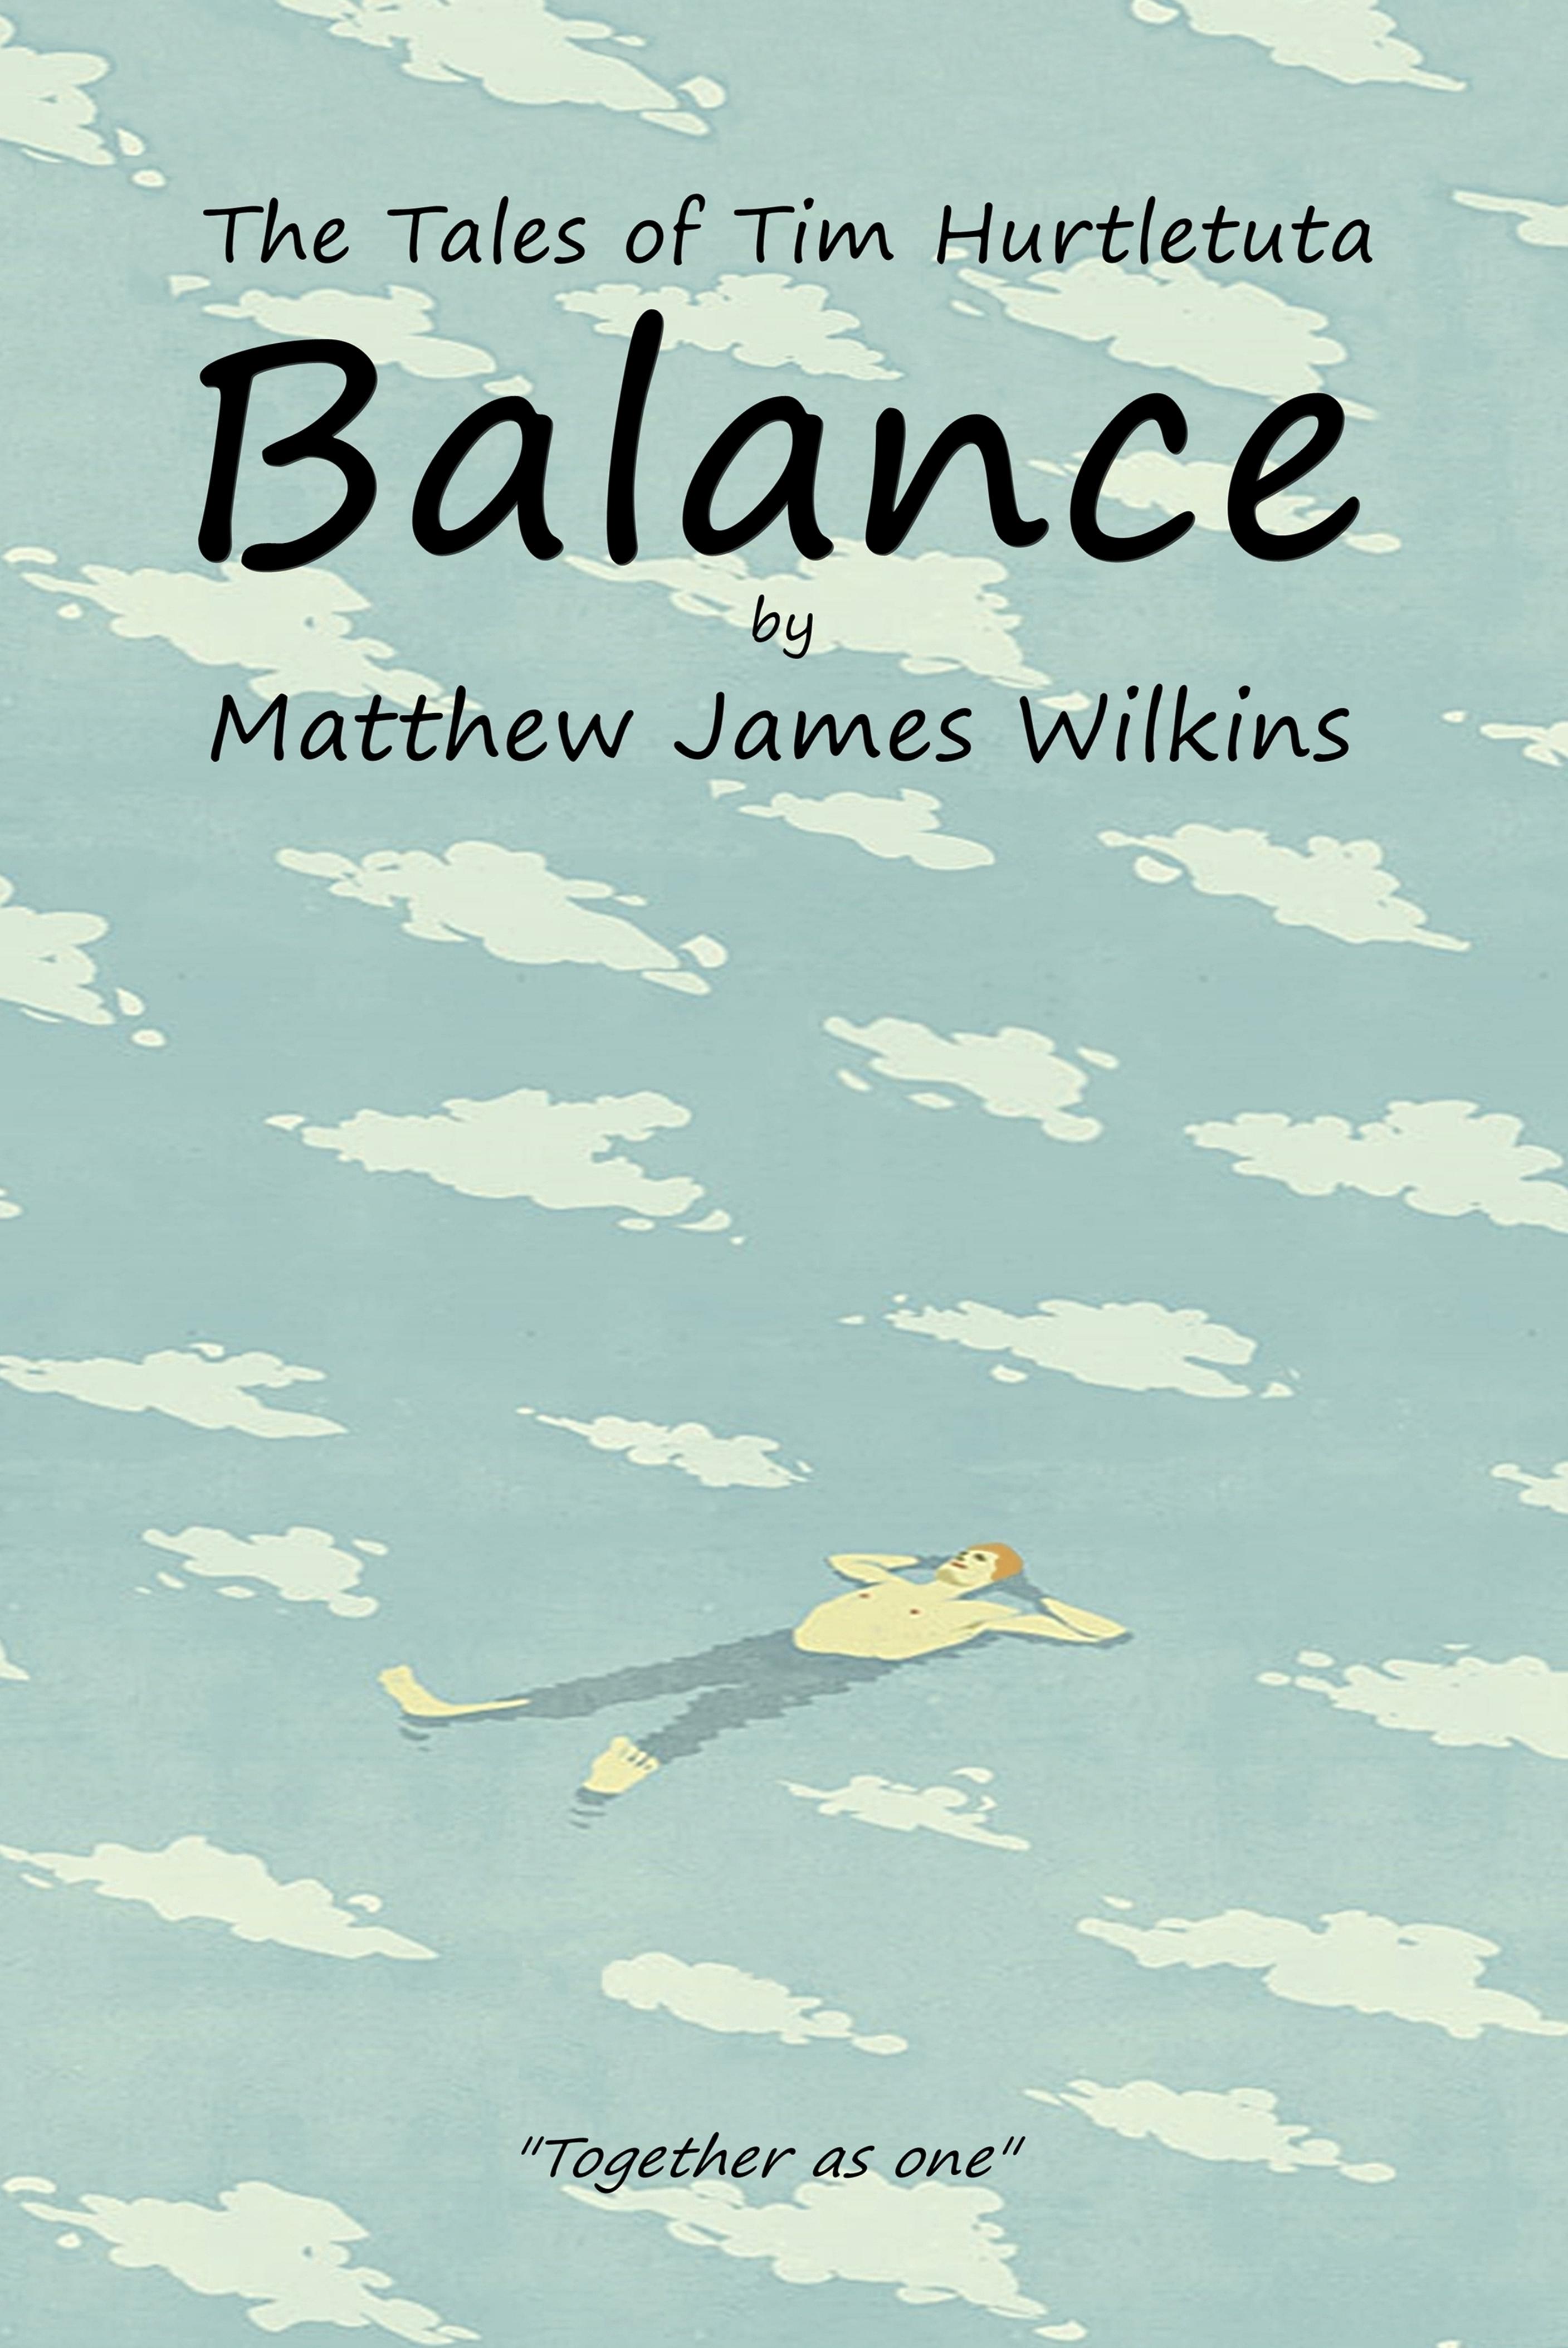 The Tales of Tim Hurtletuta - Balance Matthew James Wilkins